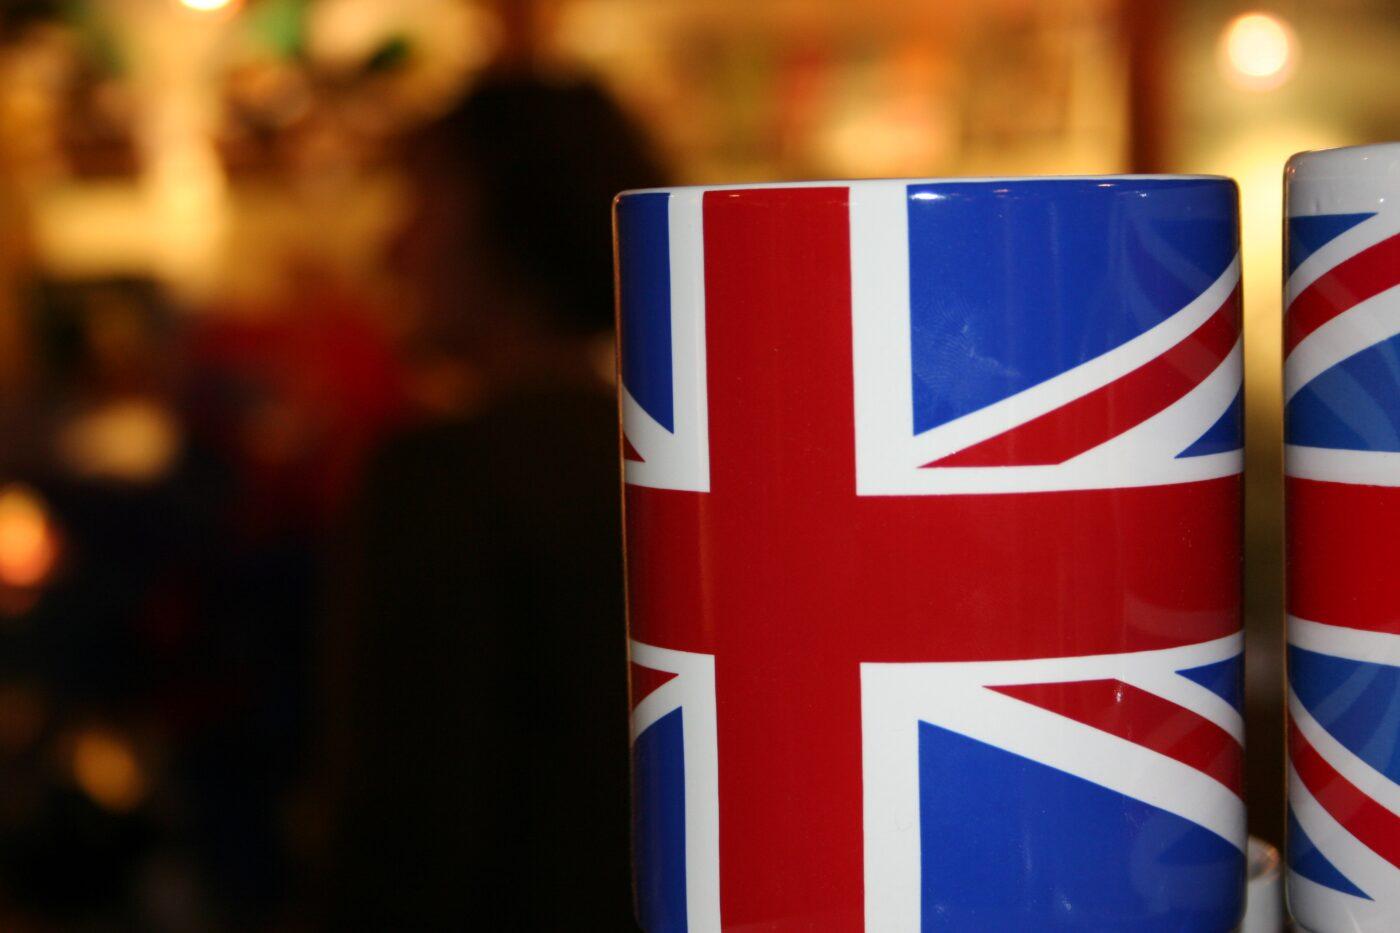 Life in Britain